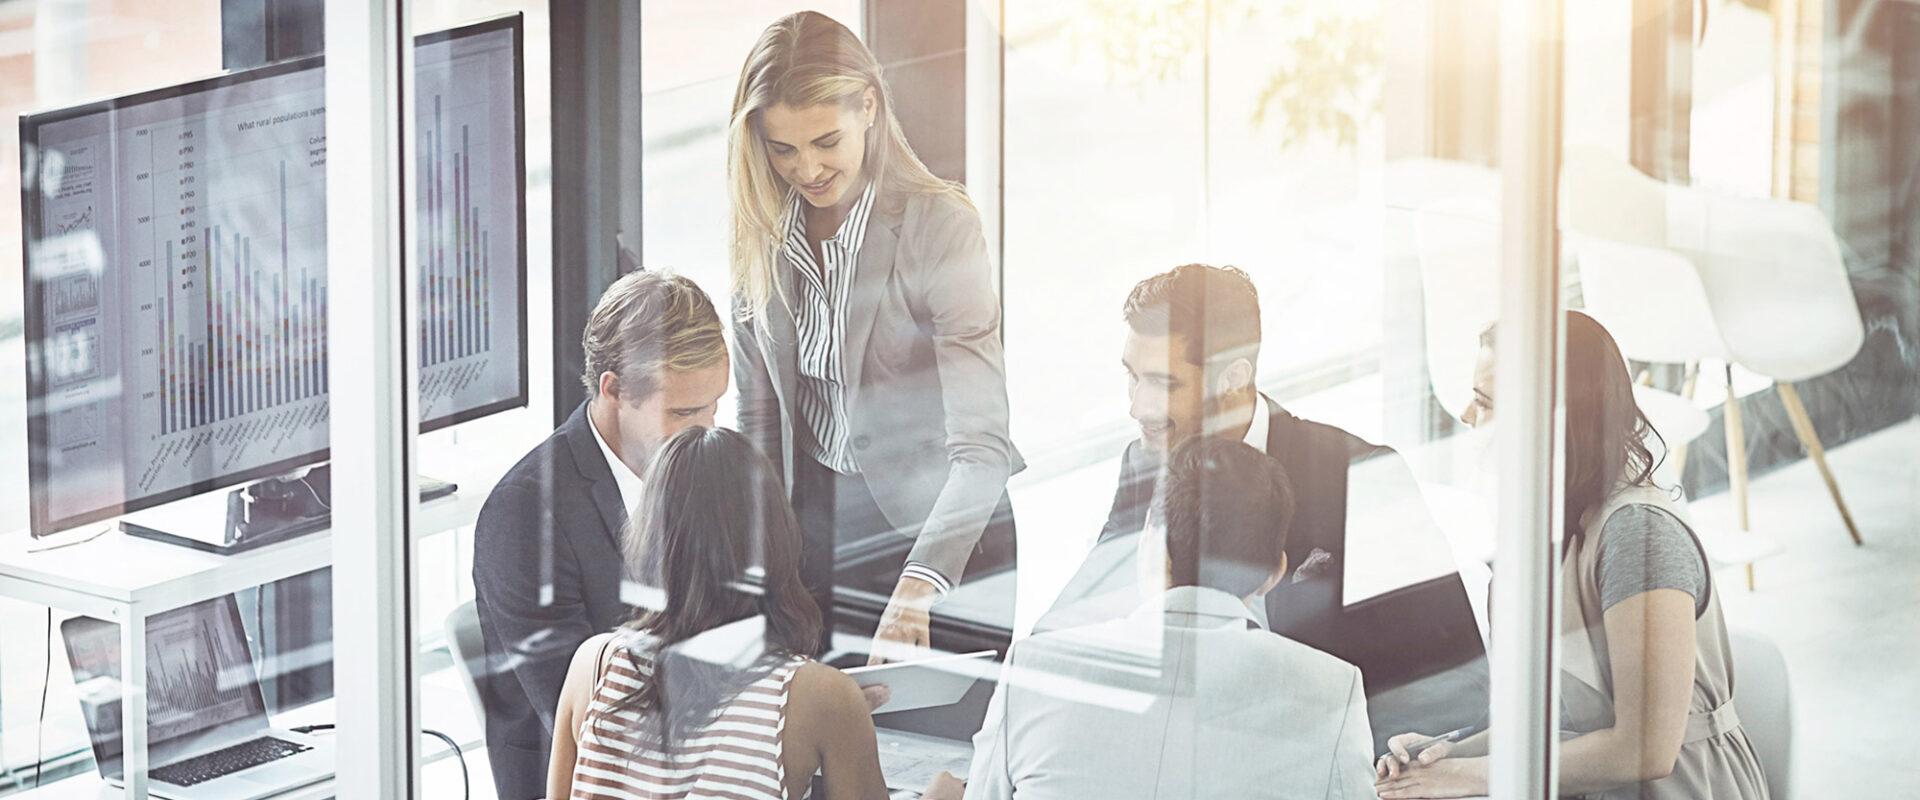 Riunione in ufficio - Cittamoderna investimenti immobiliari